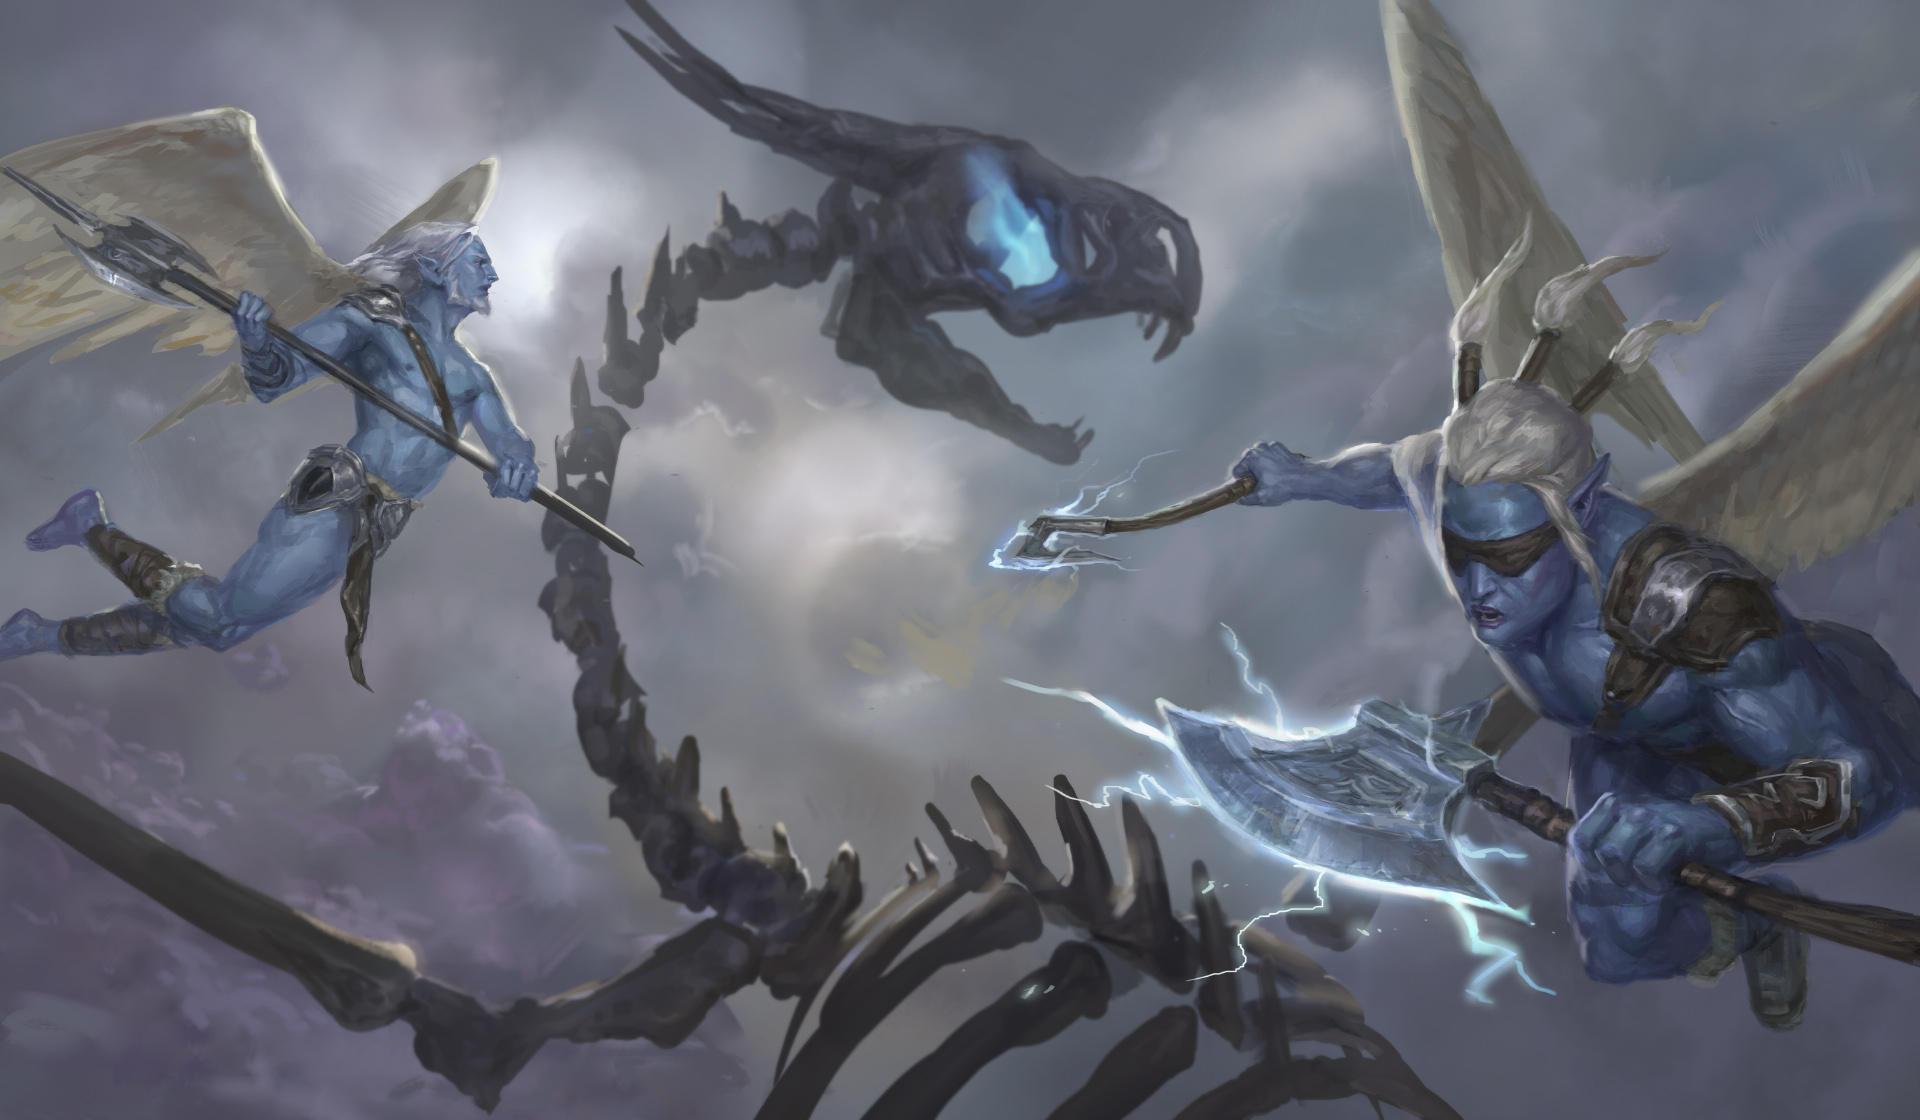 Frostwings vs Undead dragon by Jordy-Knoop